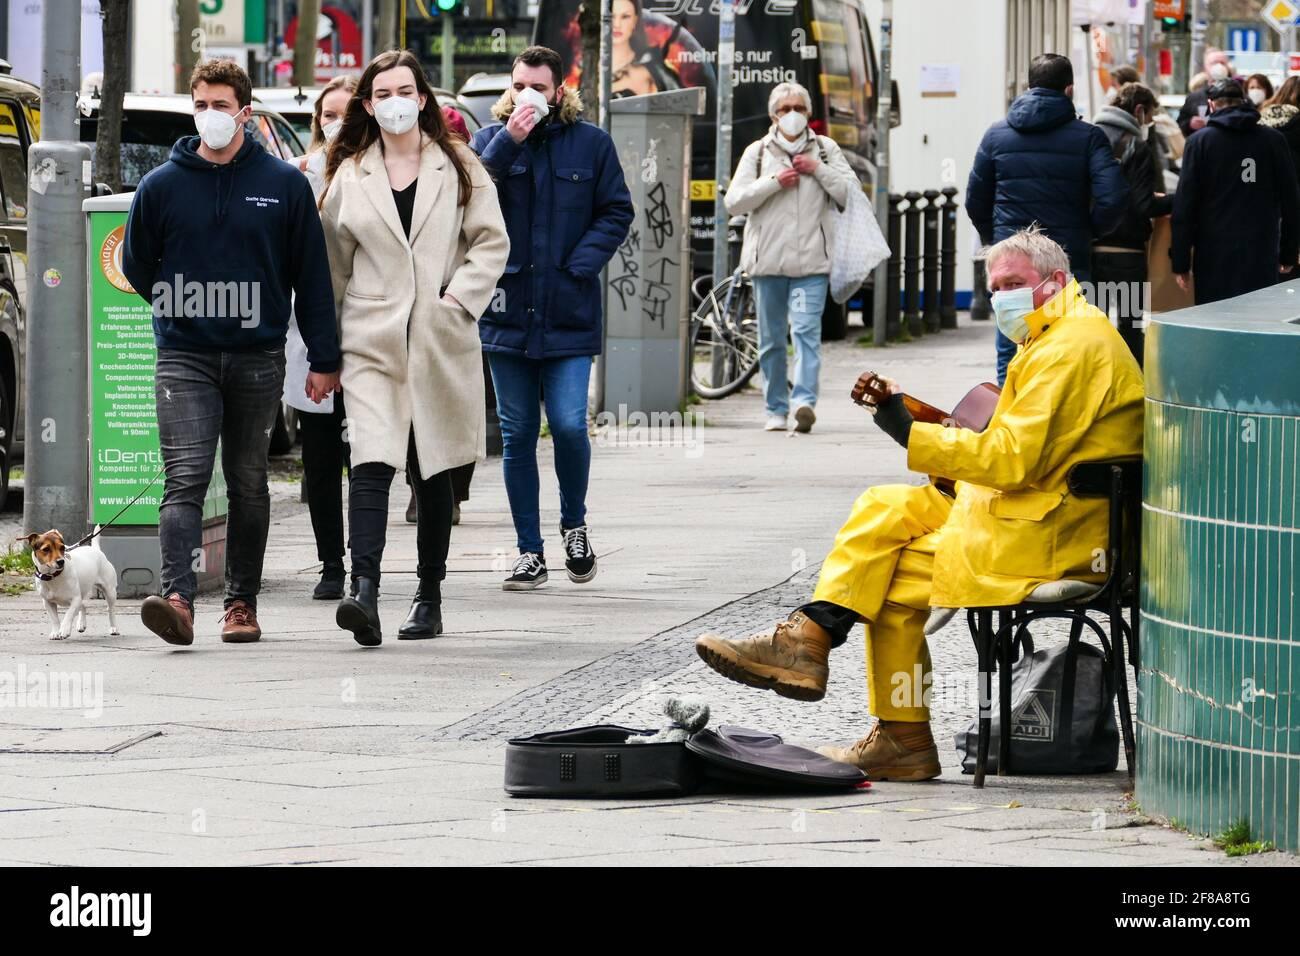 Berlin, Deutschland. April 2021. Ein Musiker mit Gesichtsmaske tritt am 12. April 2021 in Berlin, der Hauptstadt Deutschlands, auf. Nach Angaben des Robert Koch-Instituts (RKI) wurden am Montag seit Ausbruch der Pandemie mehr als drei Millionen COVID-19-Infektionen in Deutschland registriert. Quelle: Stefan Zeitz/Xinhua/Alamy Live News Stockfoto